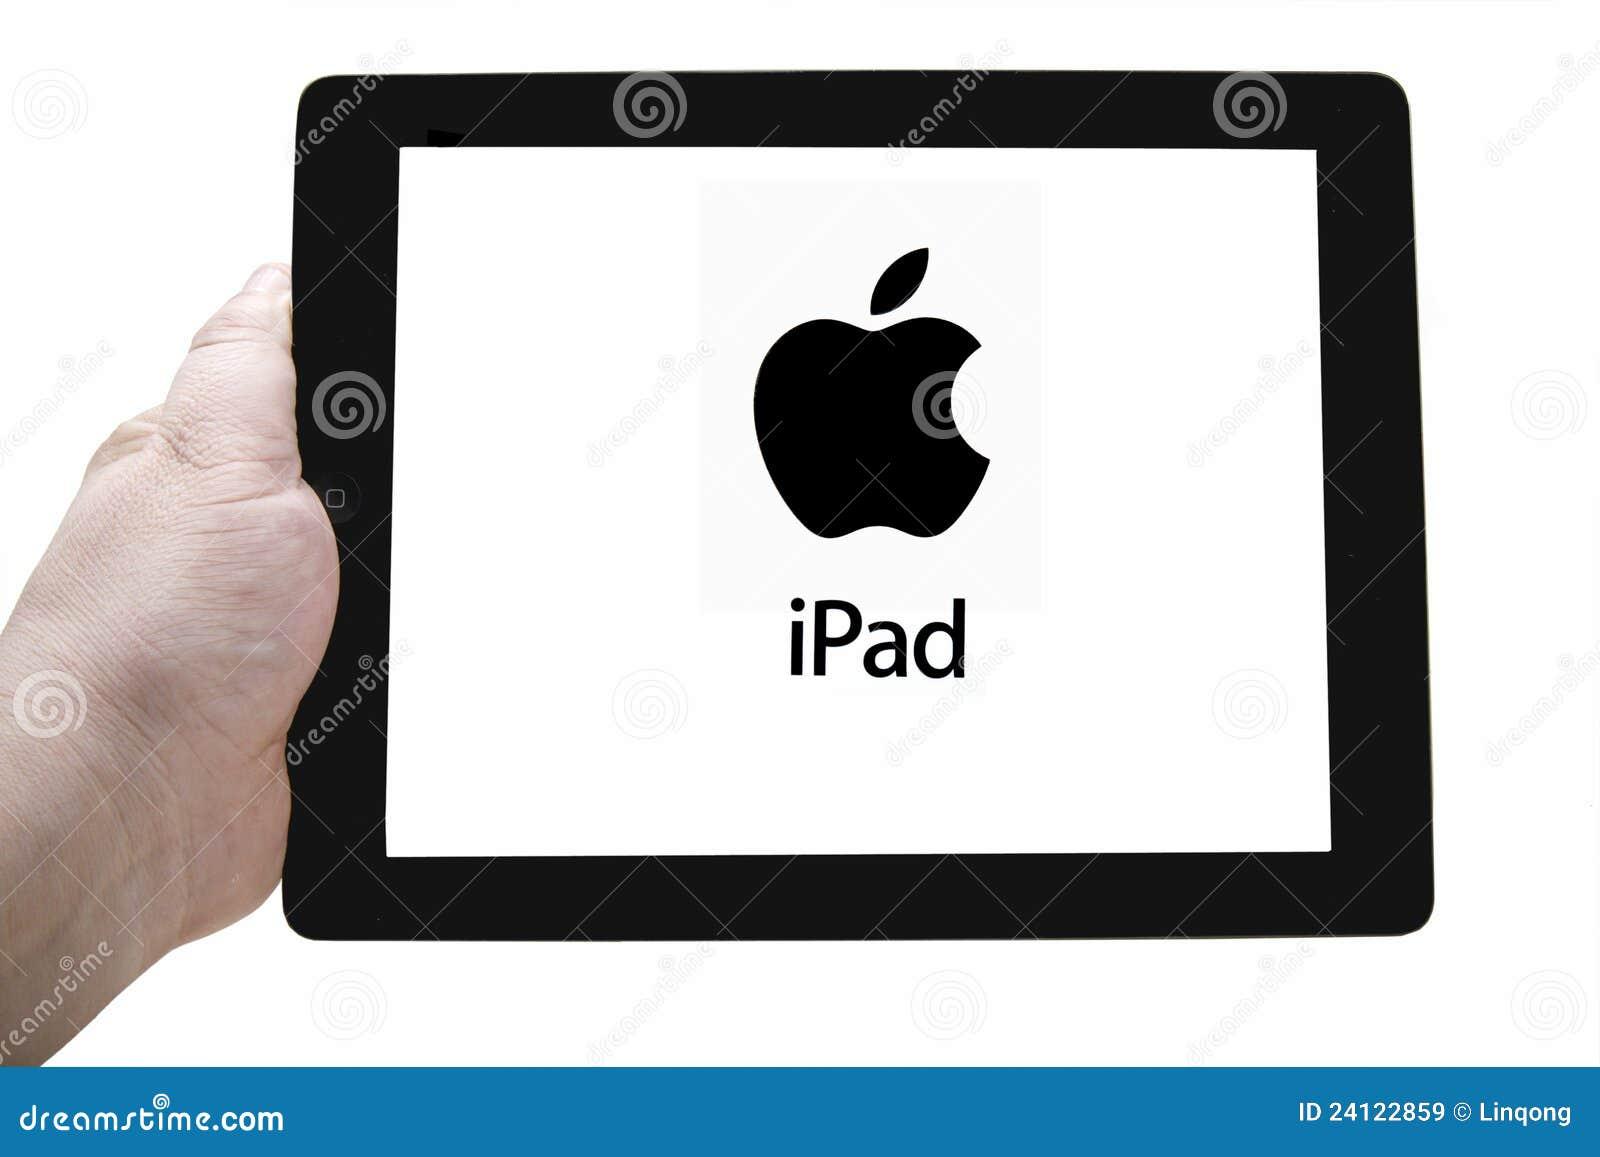 apple ipad clip art - photo #49